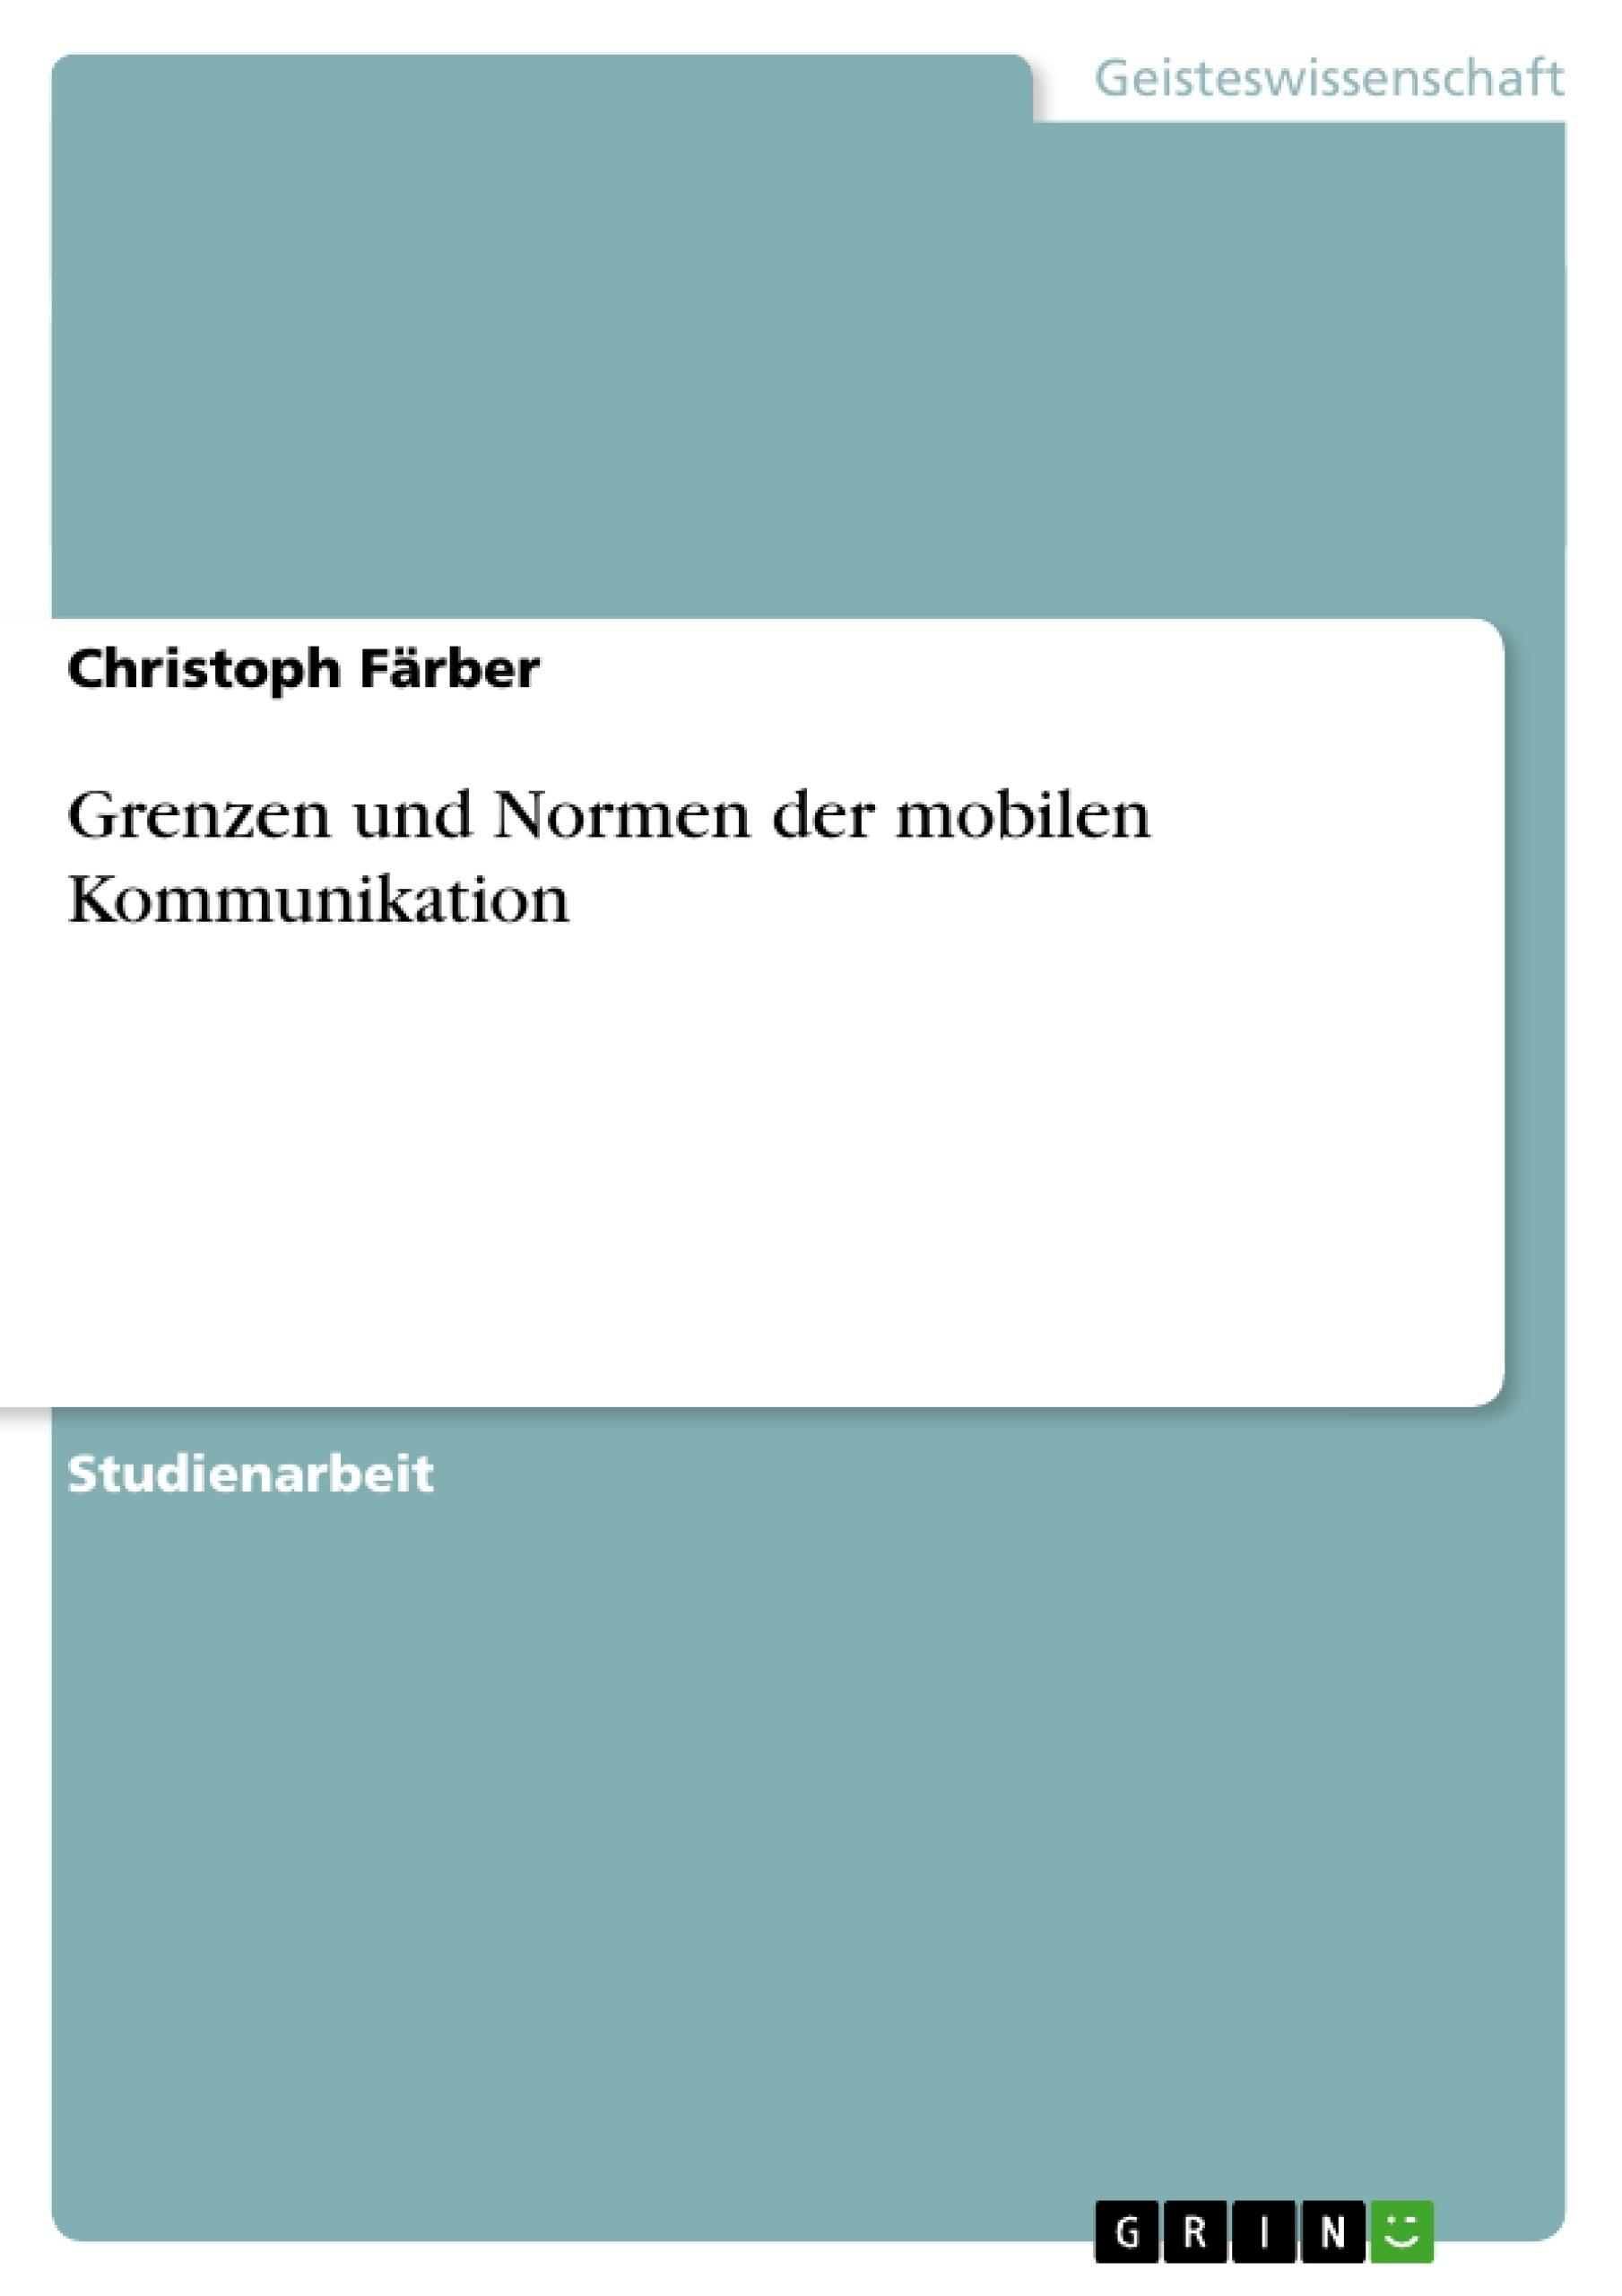 Titel: Grenzen und Normen der mobilen Kommunikation